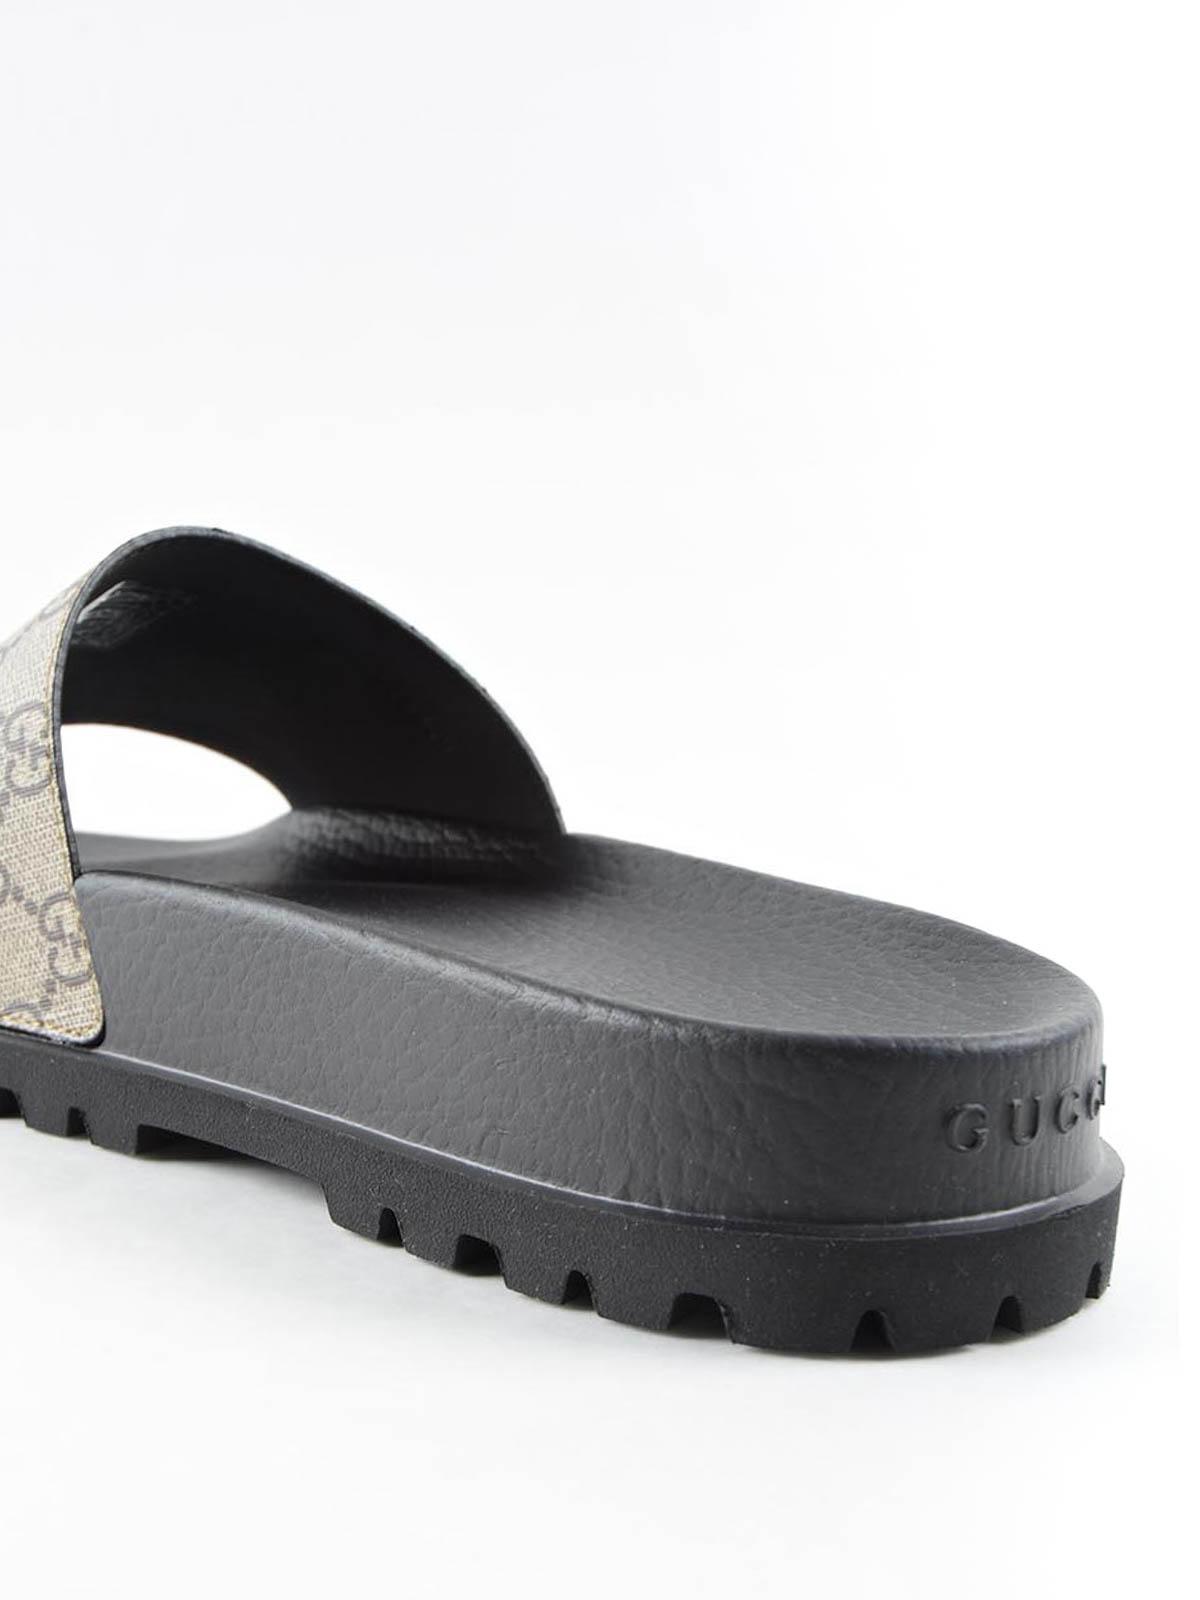 0d530a04b Gucci - Sandalias Multicolor Para Hombre - Sandalias - 456234K5Y00 8919